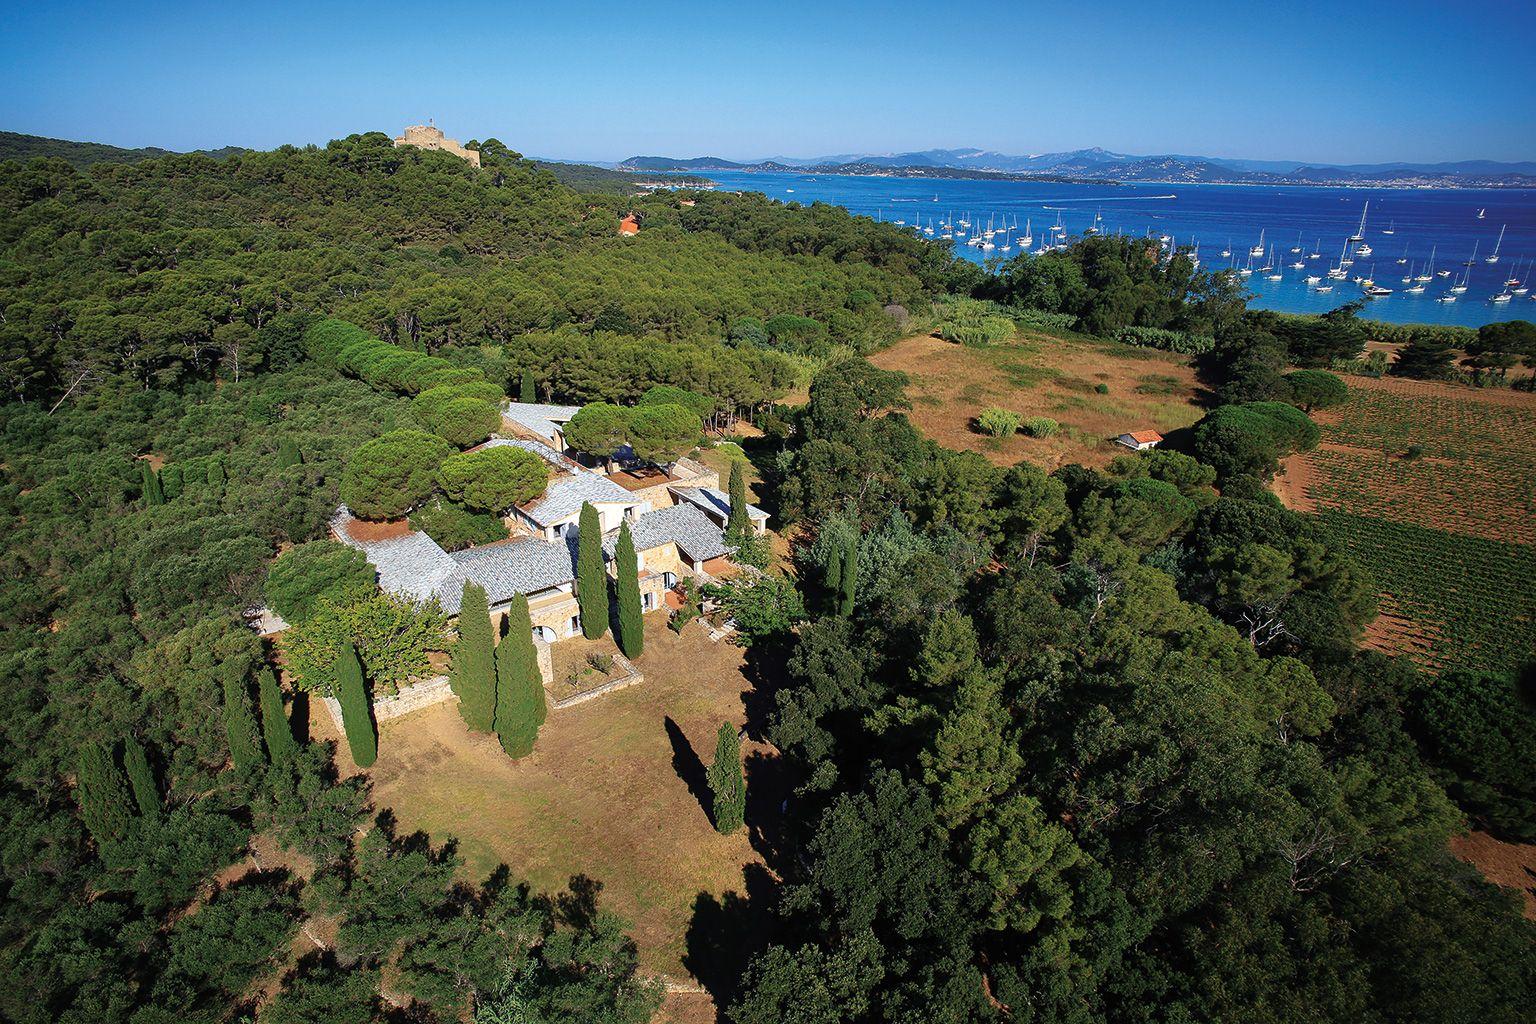 Construida en los 80 por el arquitecto Henri Vidal, la Villa tendrá un parque de esculturas de 15 hectáreas y un jardín que pone en valor las especies autóctonas, obra del paisajista francés Louis Benech.